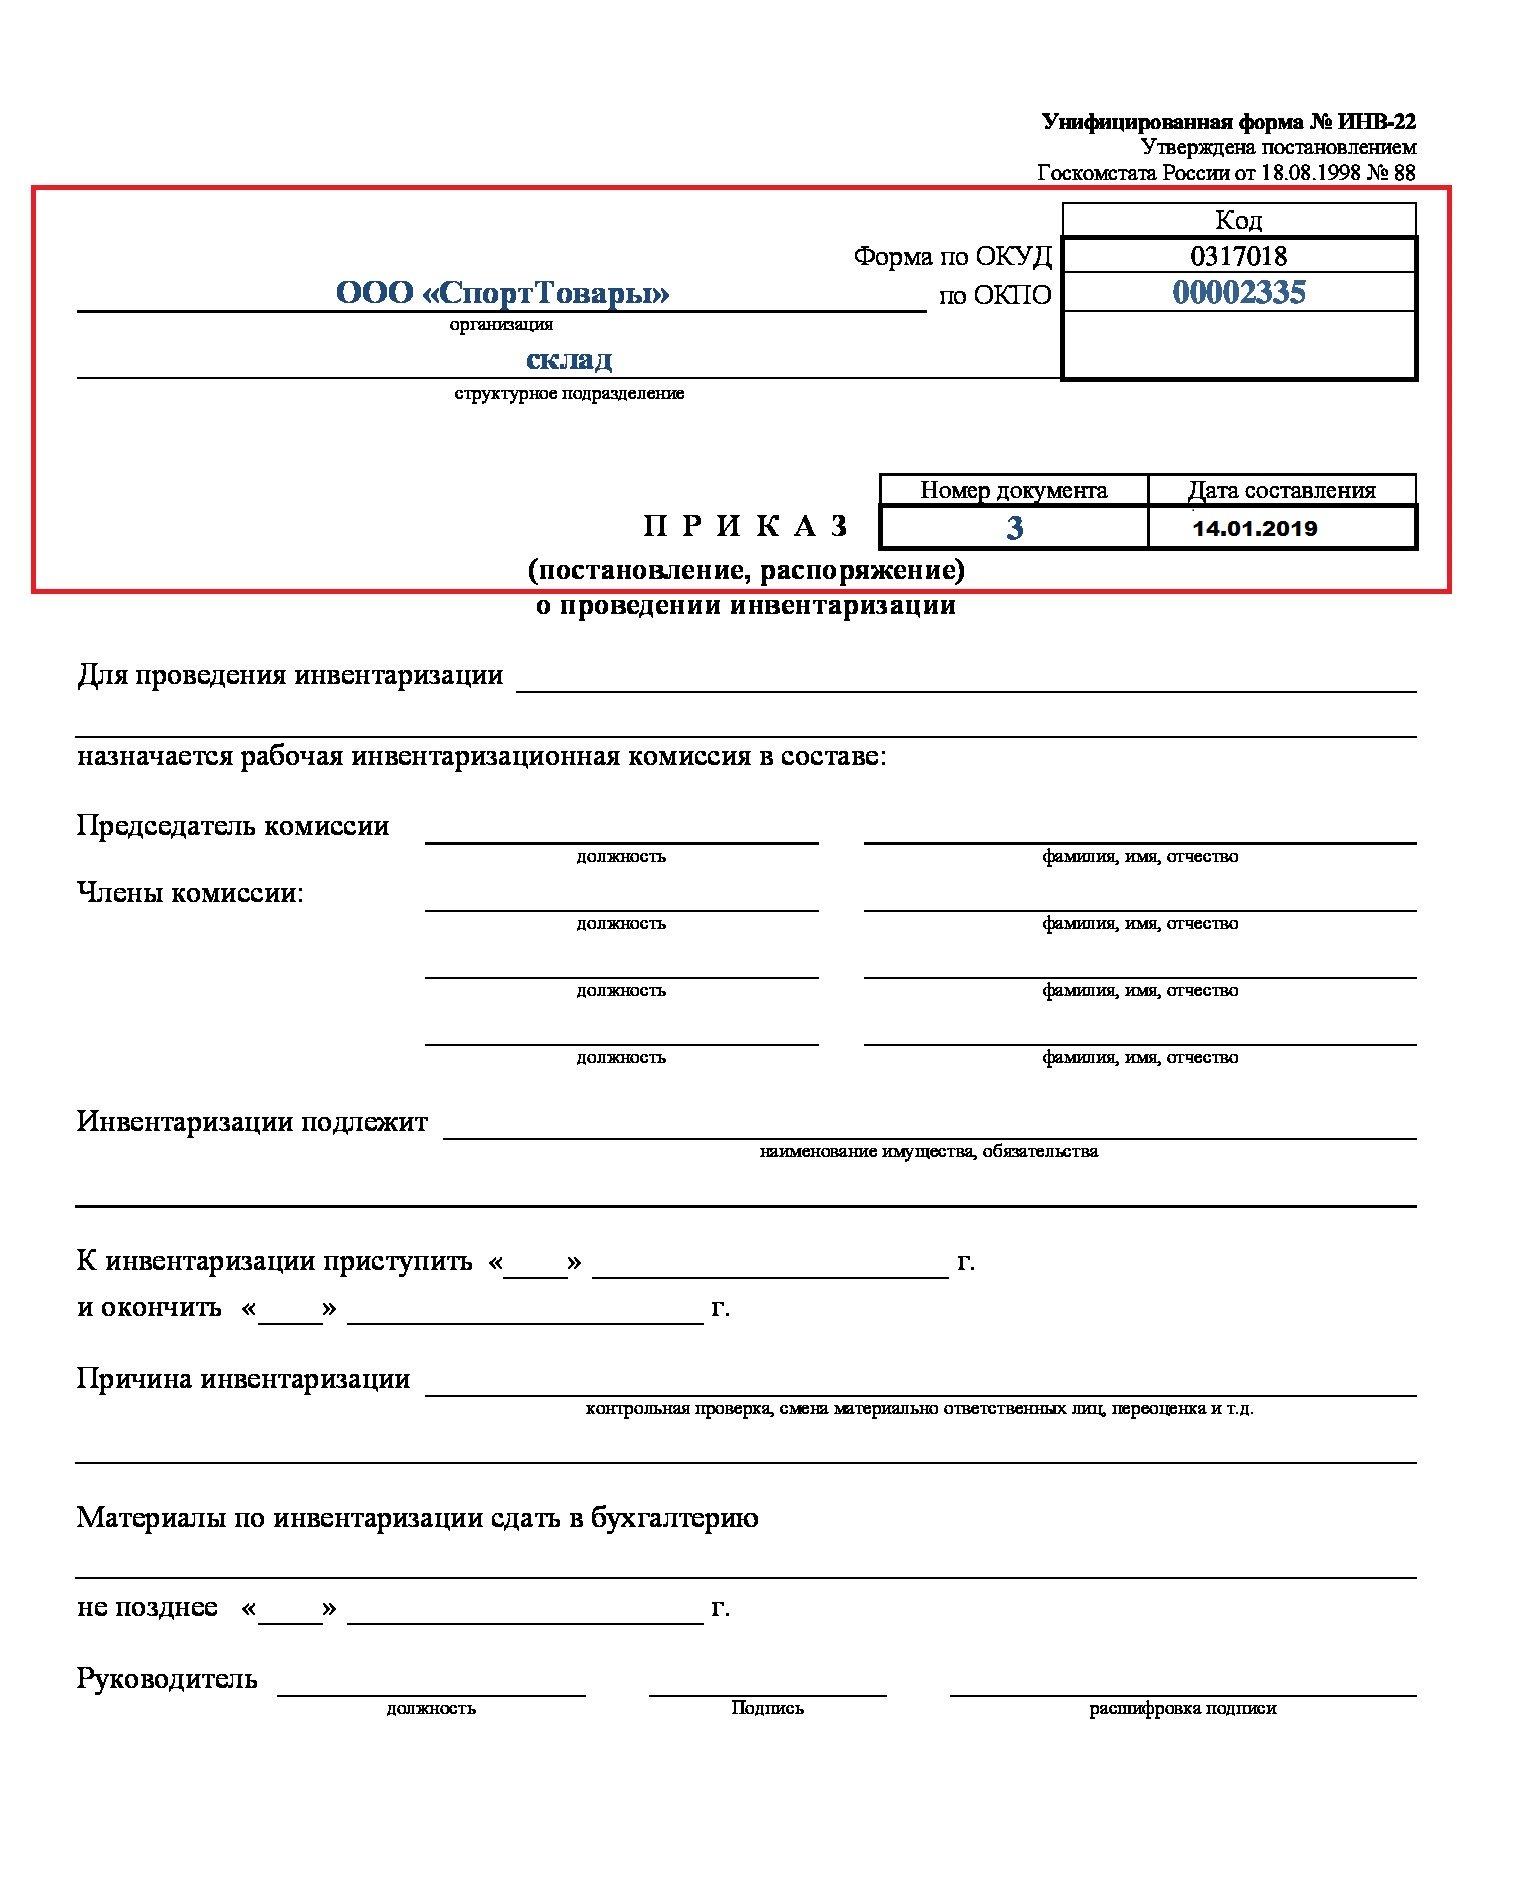 Приказ о назначении комиссии по инвентаризации образец